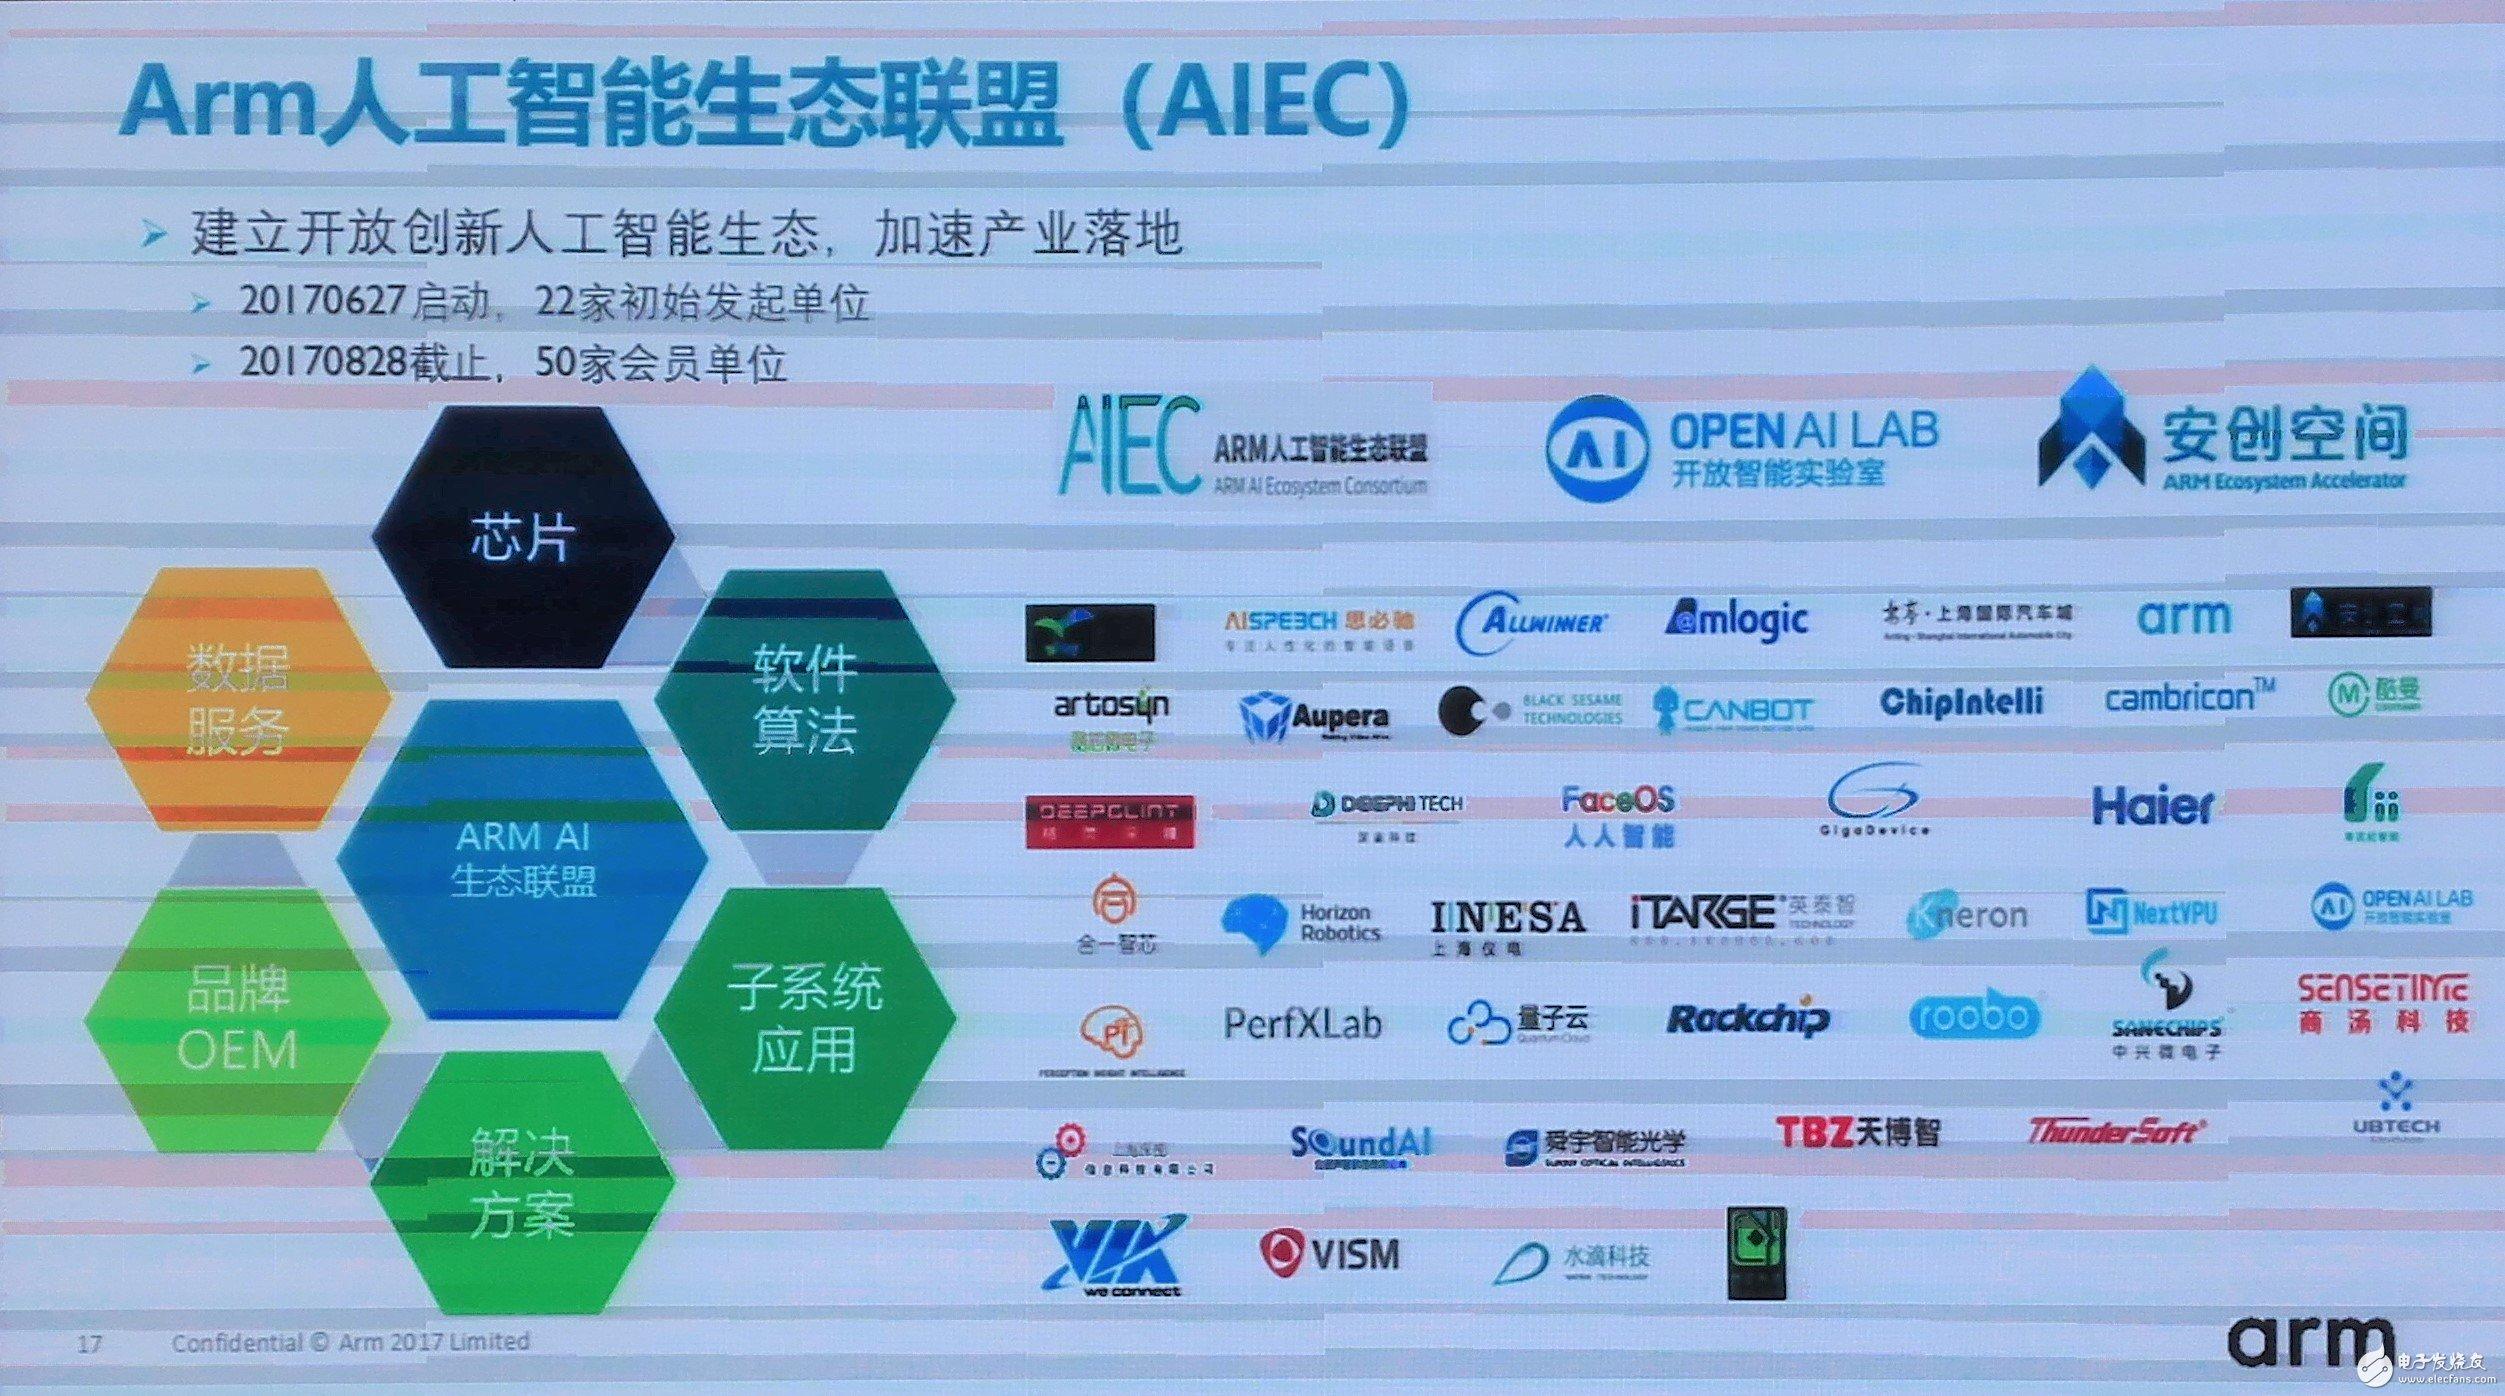 图:Arm积极建设人工智能生态联盟